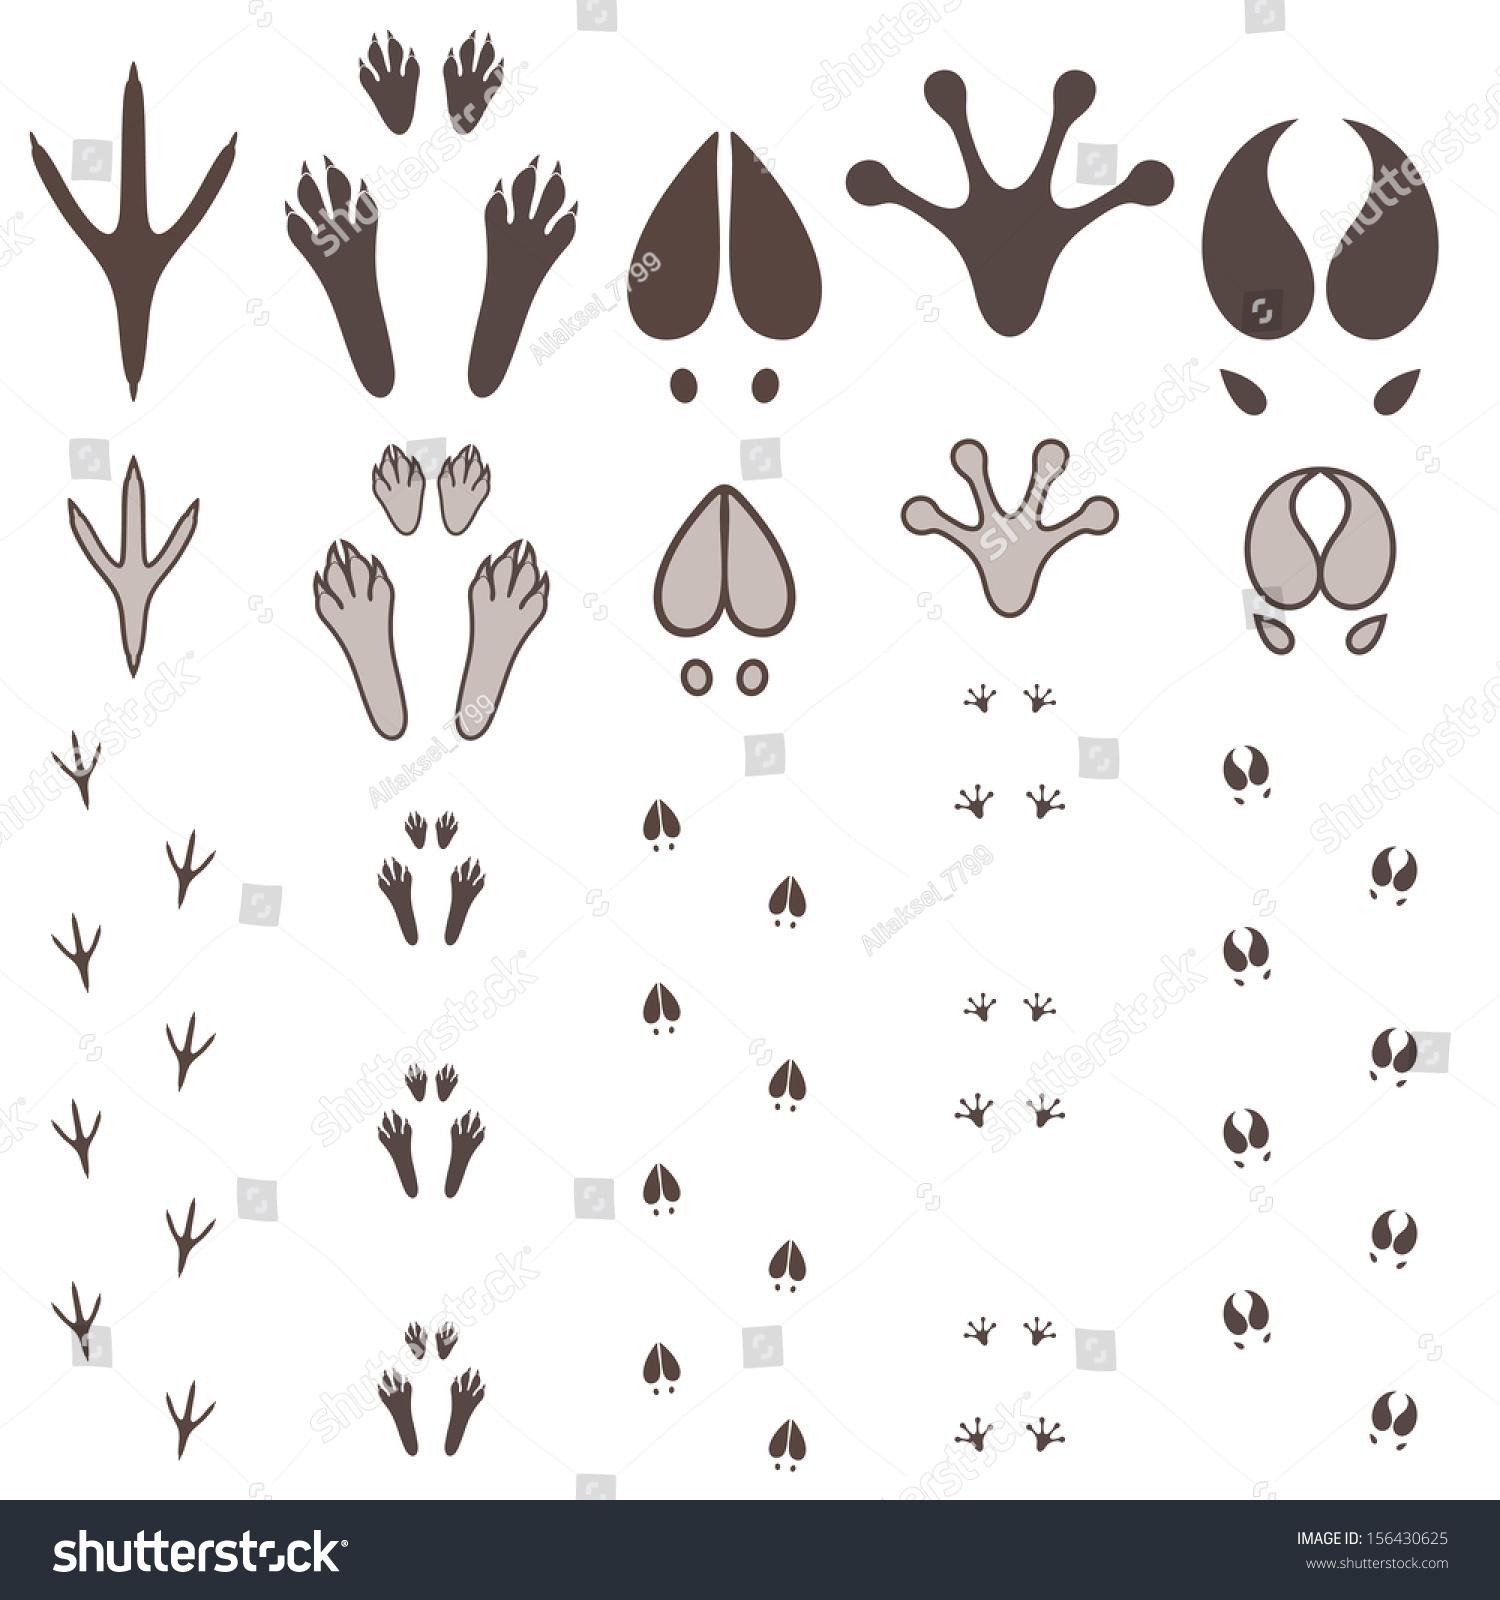 爪印-动物/野生生物,符号/标志-海洛创意(hellorf)